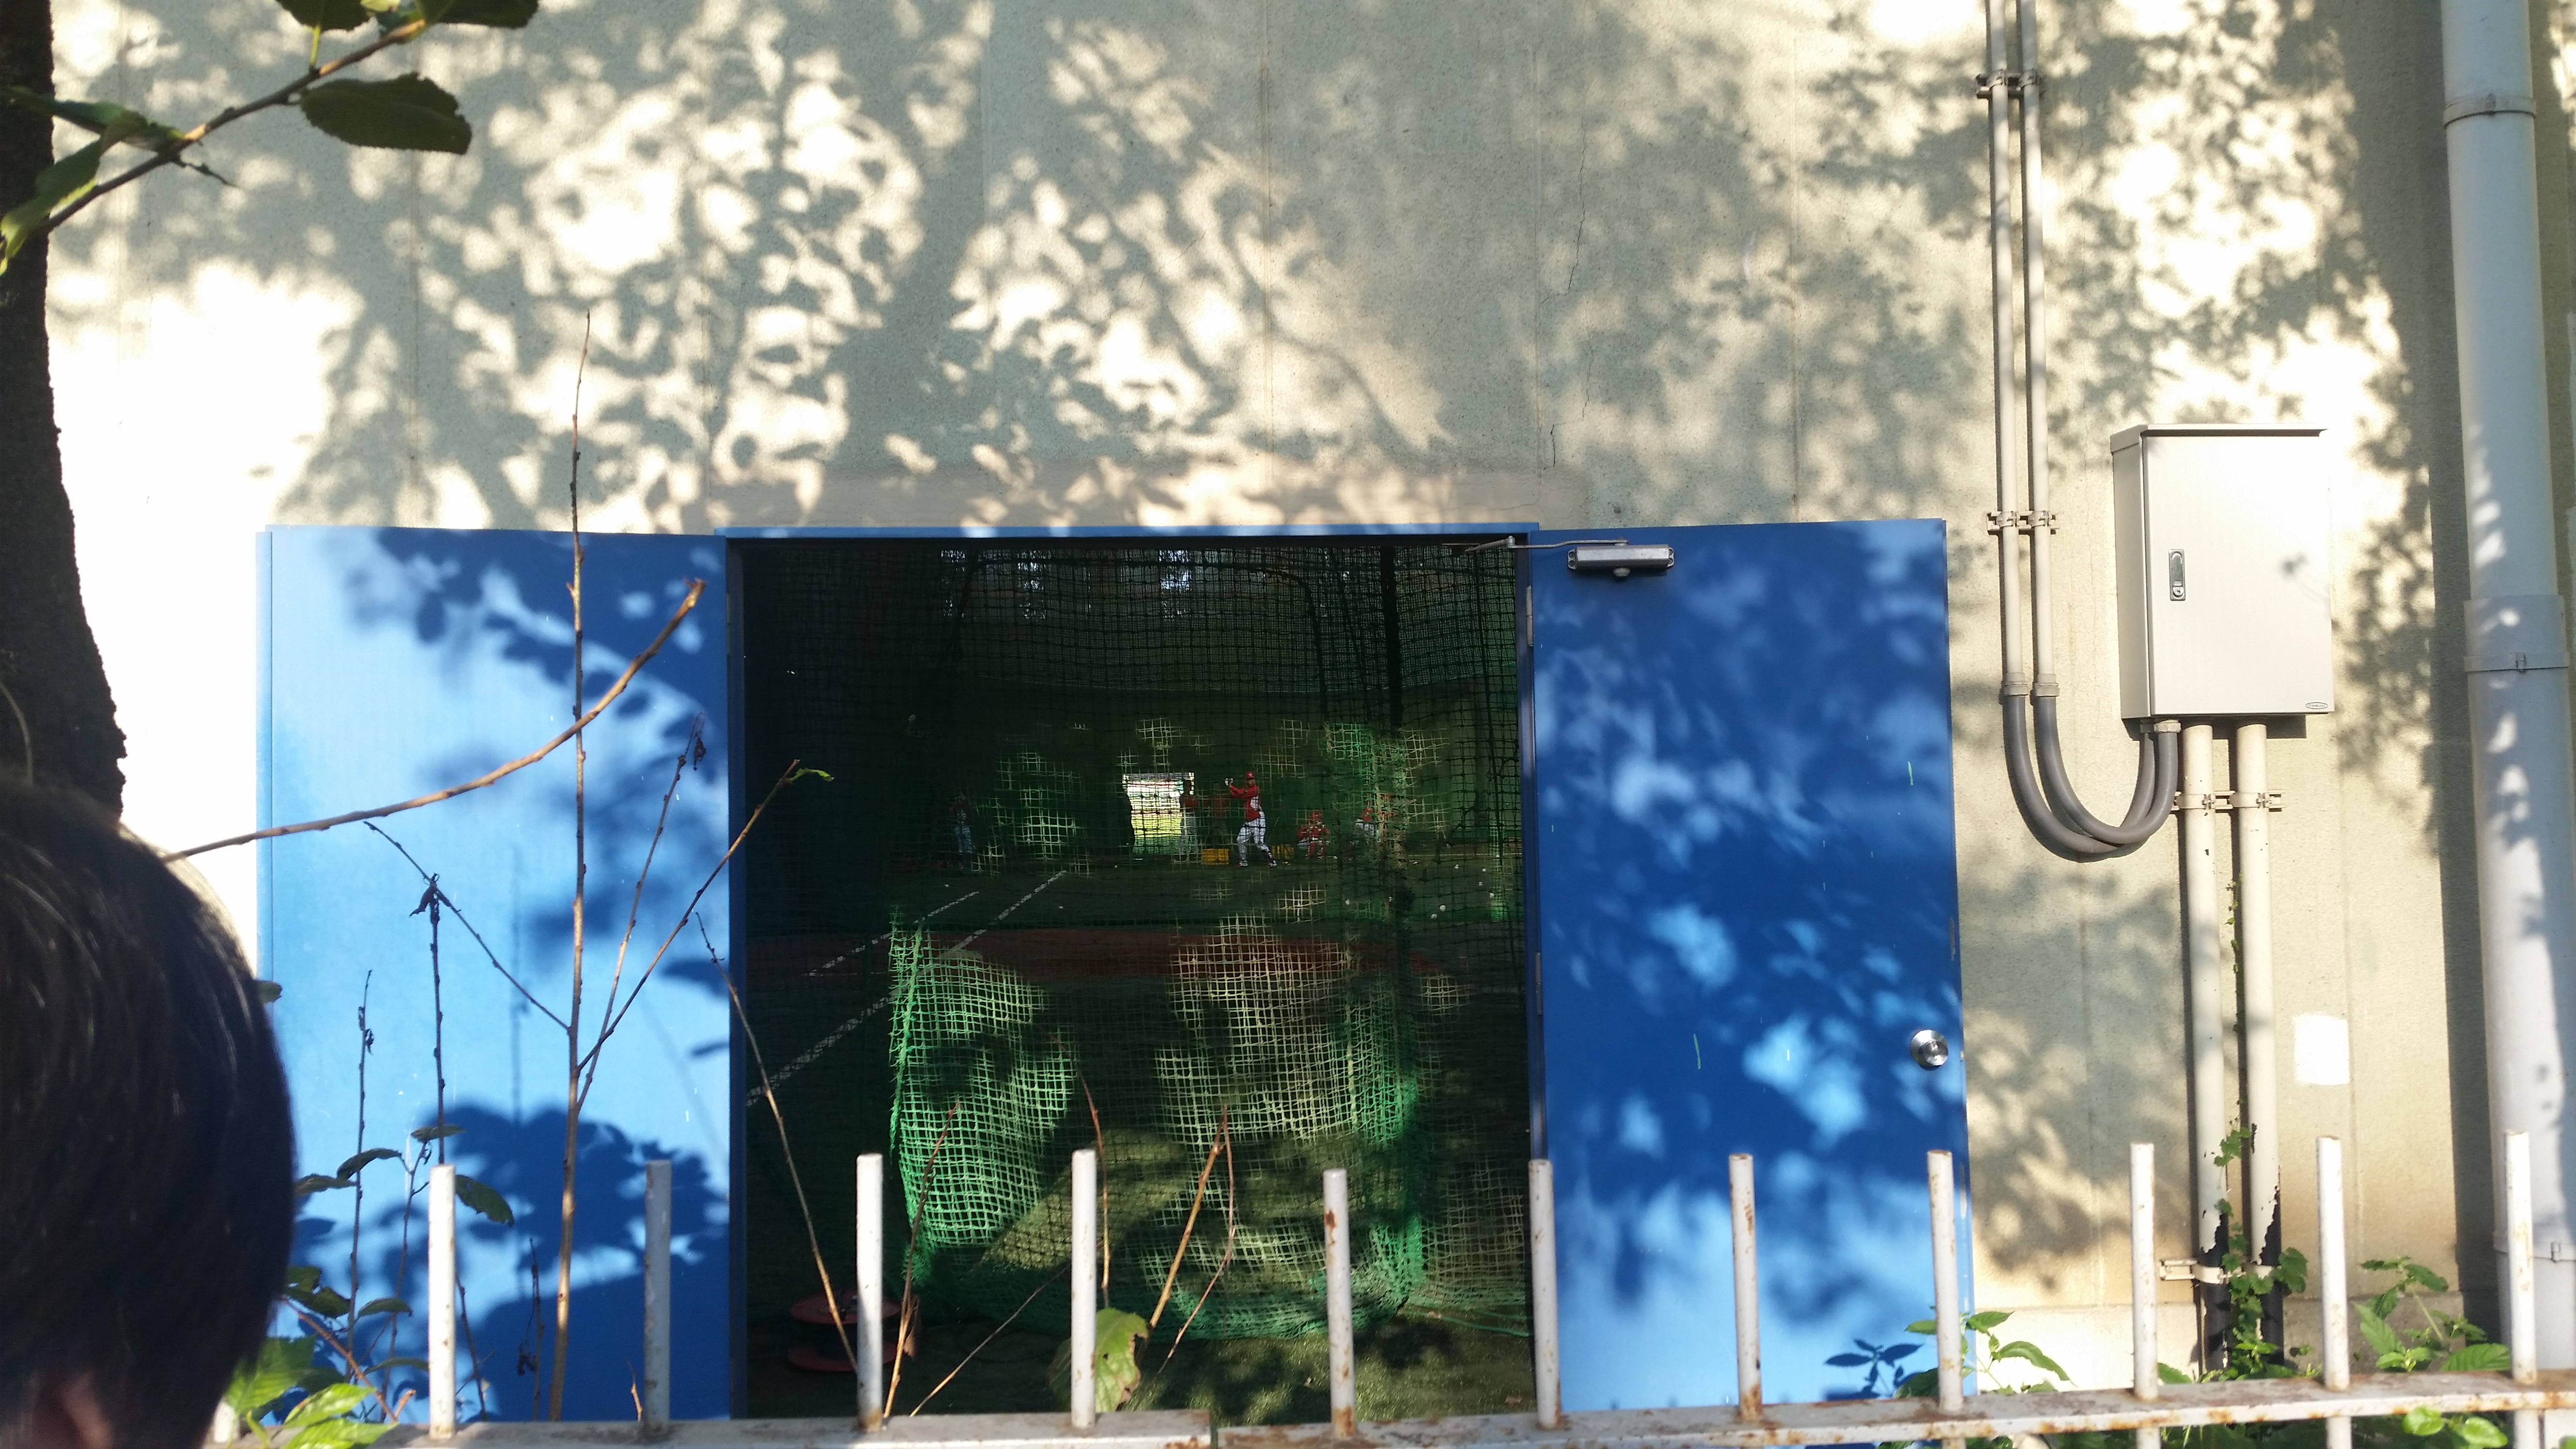 明治神宮球場で室内練習を行う広島カープ